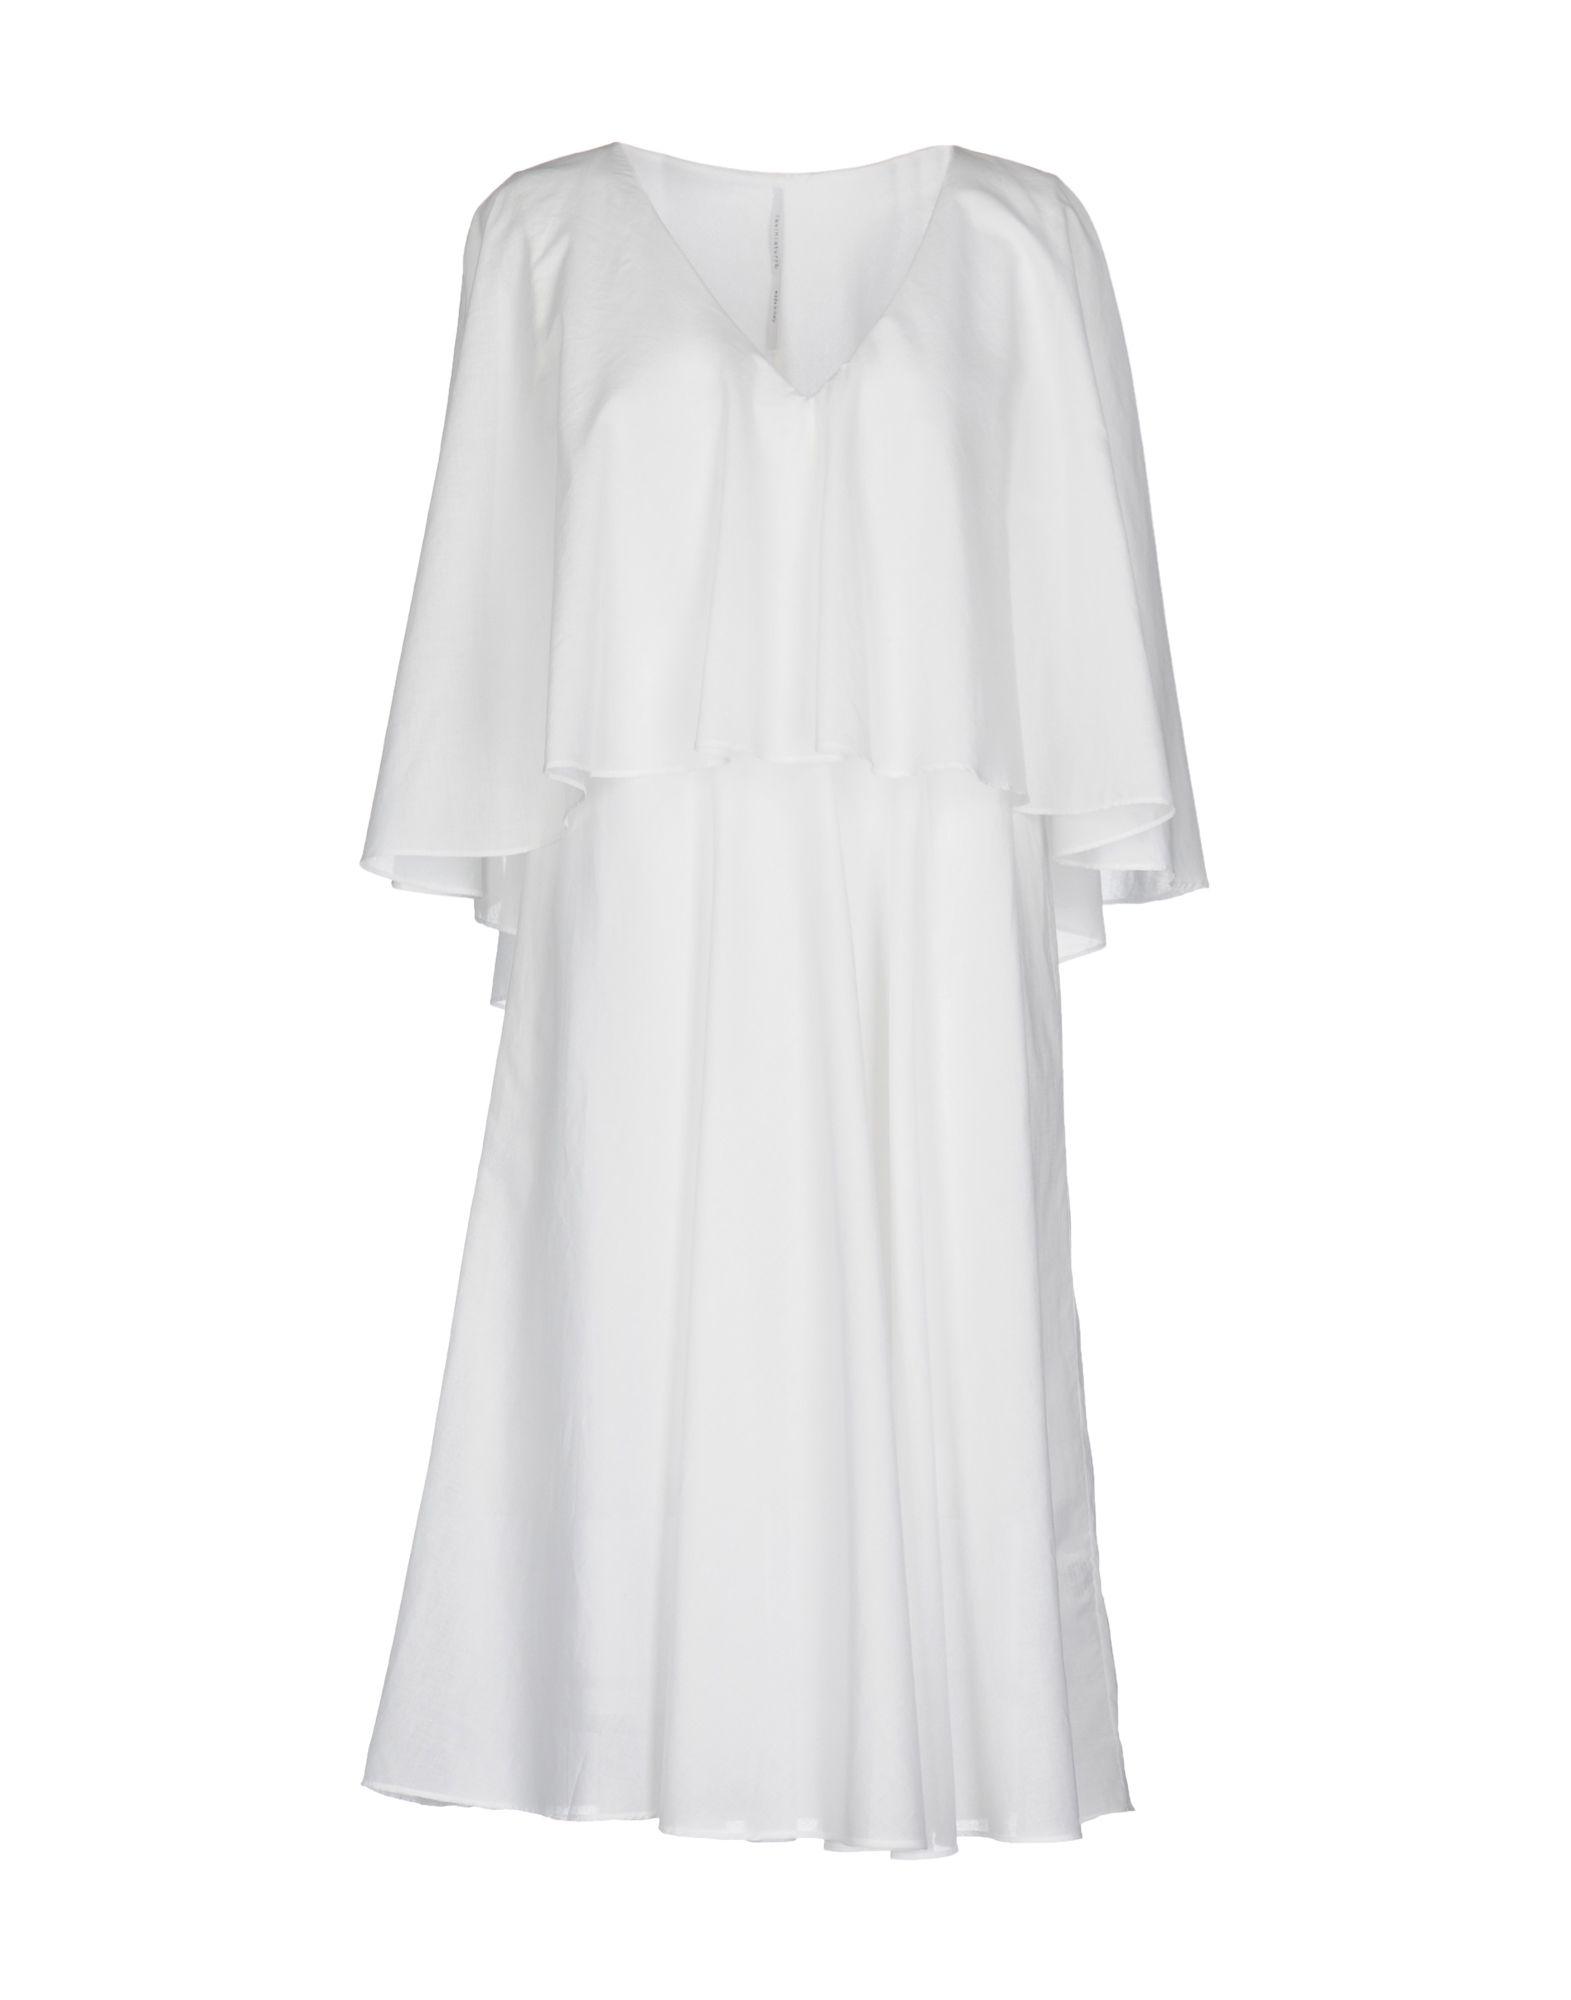 MAISON LAVINIATURRA Платье до колена paolo casalini платье до колена